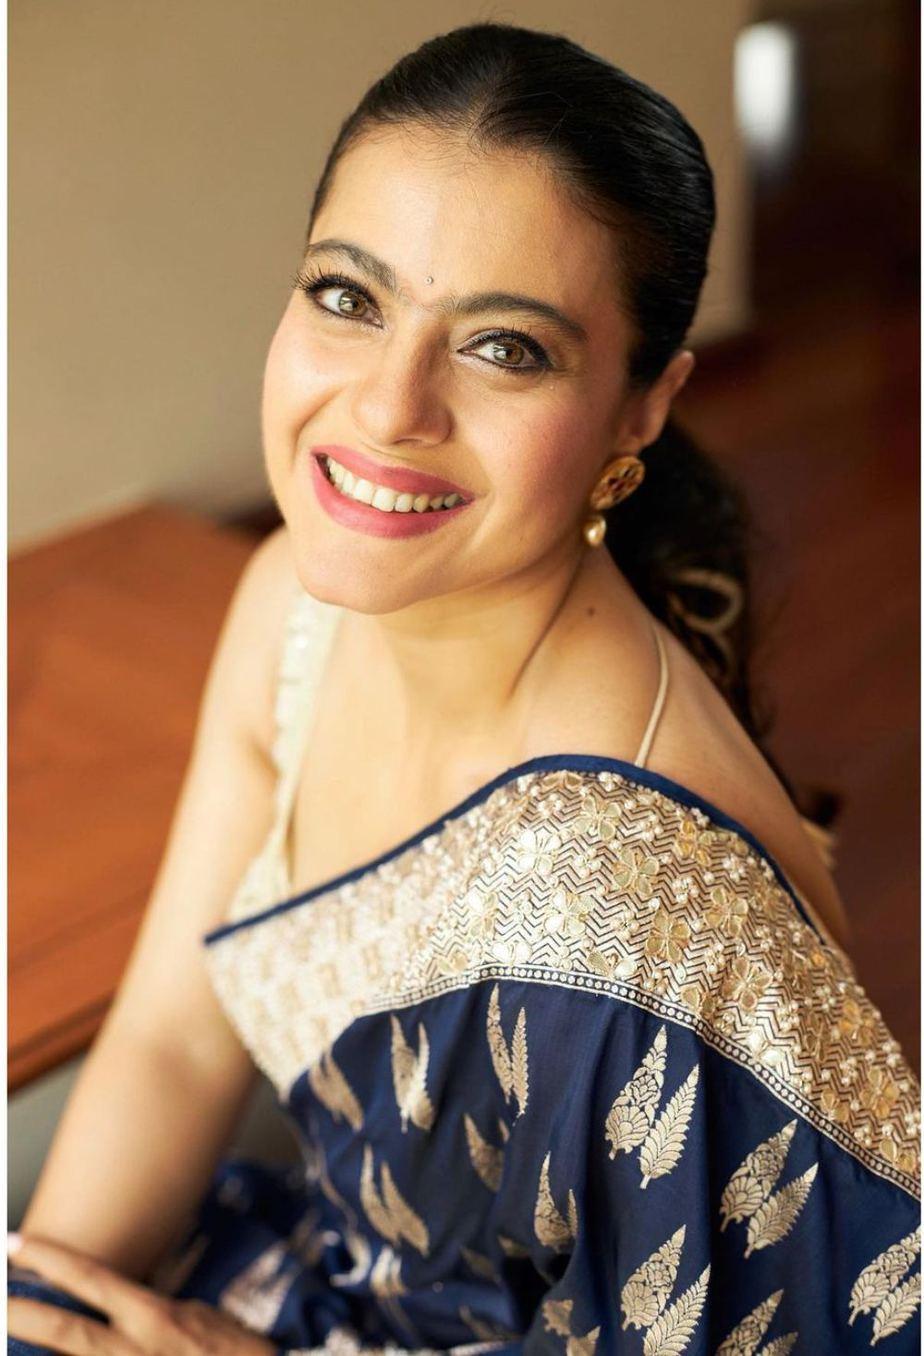 Kajol in a navy blue anita dongre saree for Durga Ashtami-1